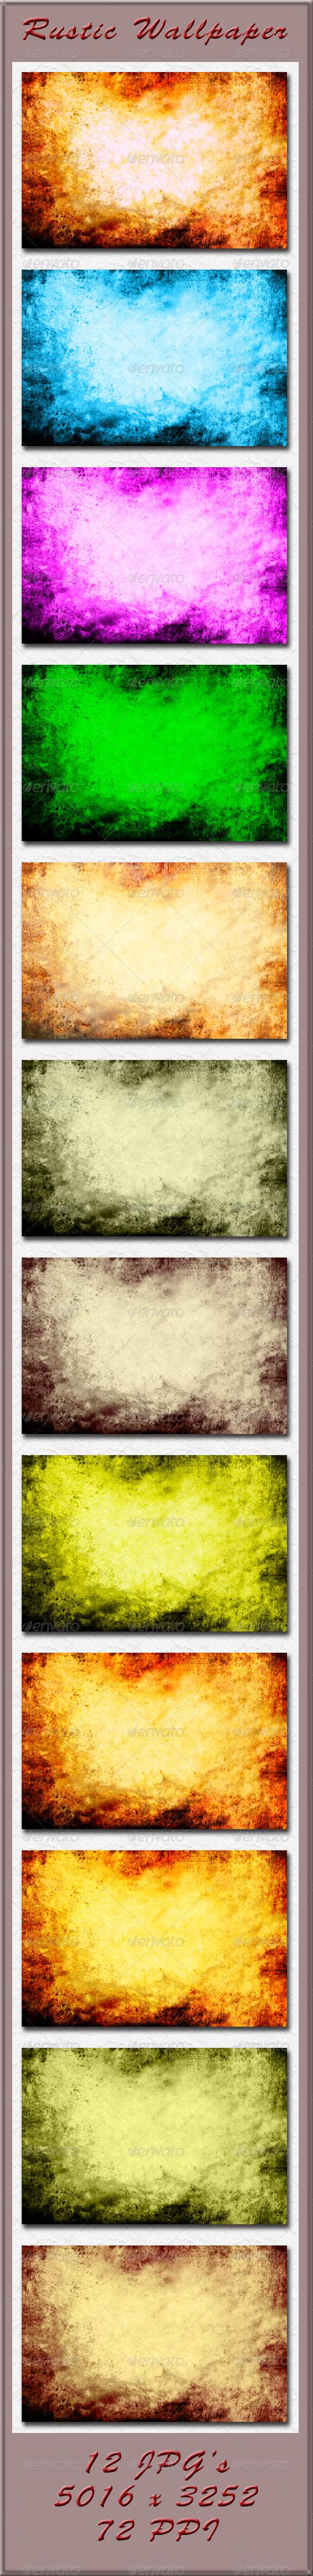 GraphicRiver Rustic Wallpaper 4225028